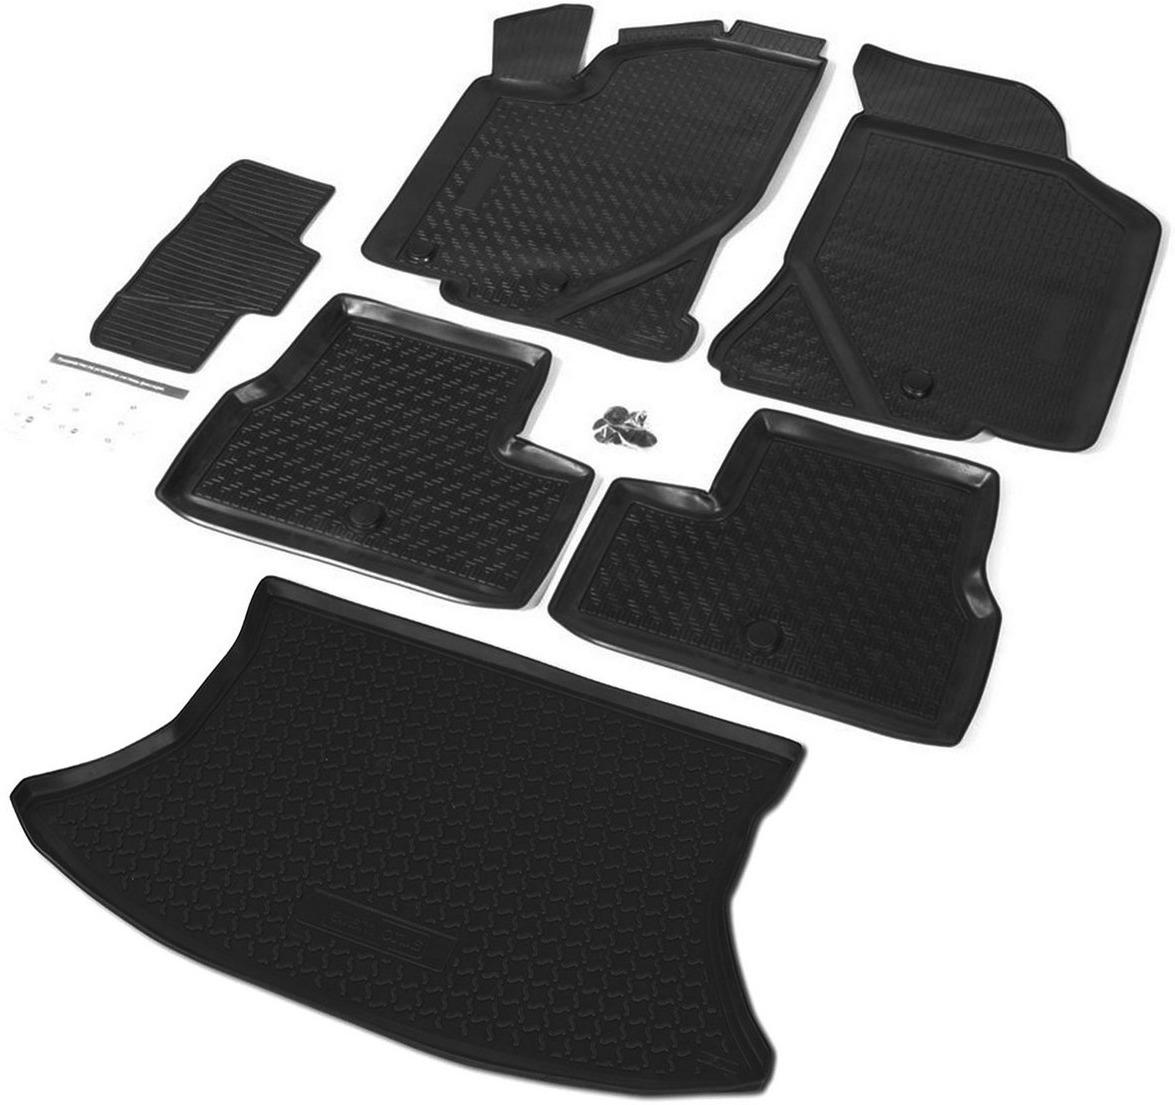 Комплект ковриков салона и багажника Rival для Lada Kalina I, II хэтчбек 2004-2018, полиуретан, с крепежом, с перемычкой, 6 шт. K16002001-2 комплект ковриков салона и багажника rival для lada vesta универсал сross с фальш полом 2017 н в полиуретан k16006001 3